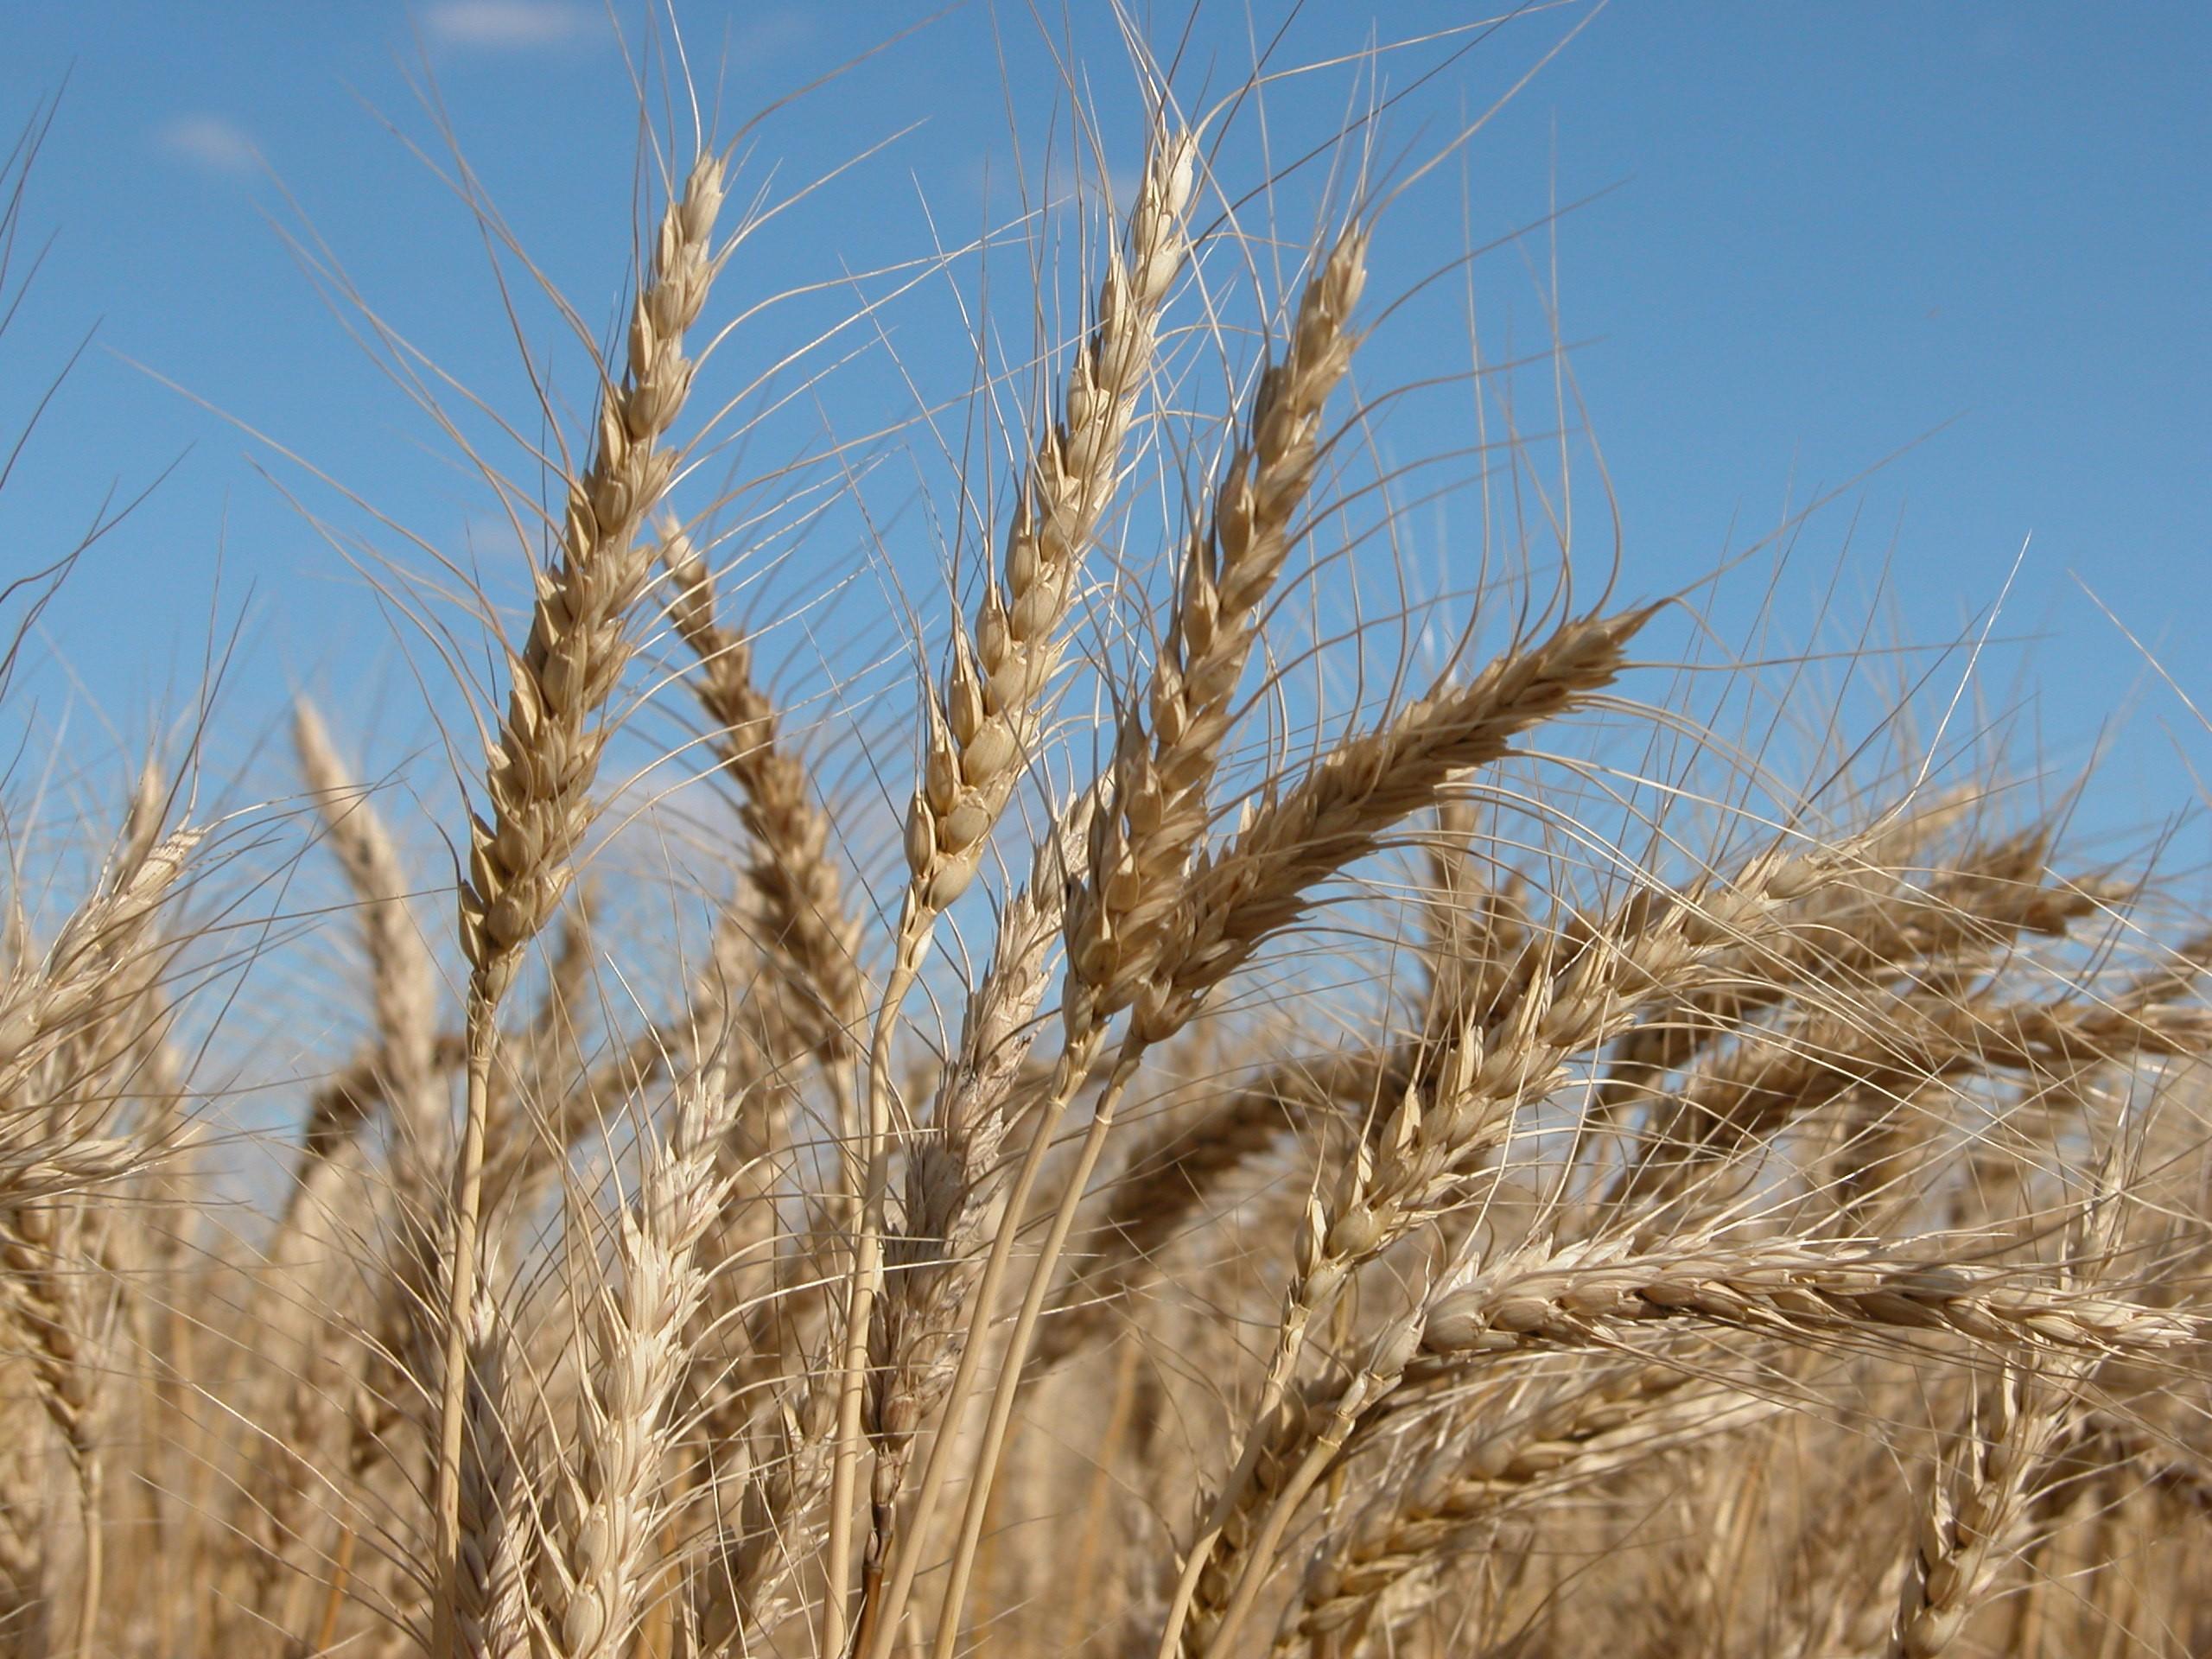 Organizações denunciam falta de transparência em discussão sobre importação de trigo transgênico thumbnail